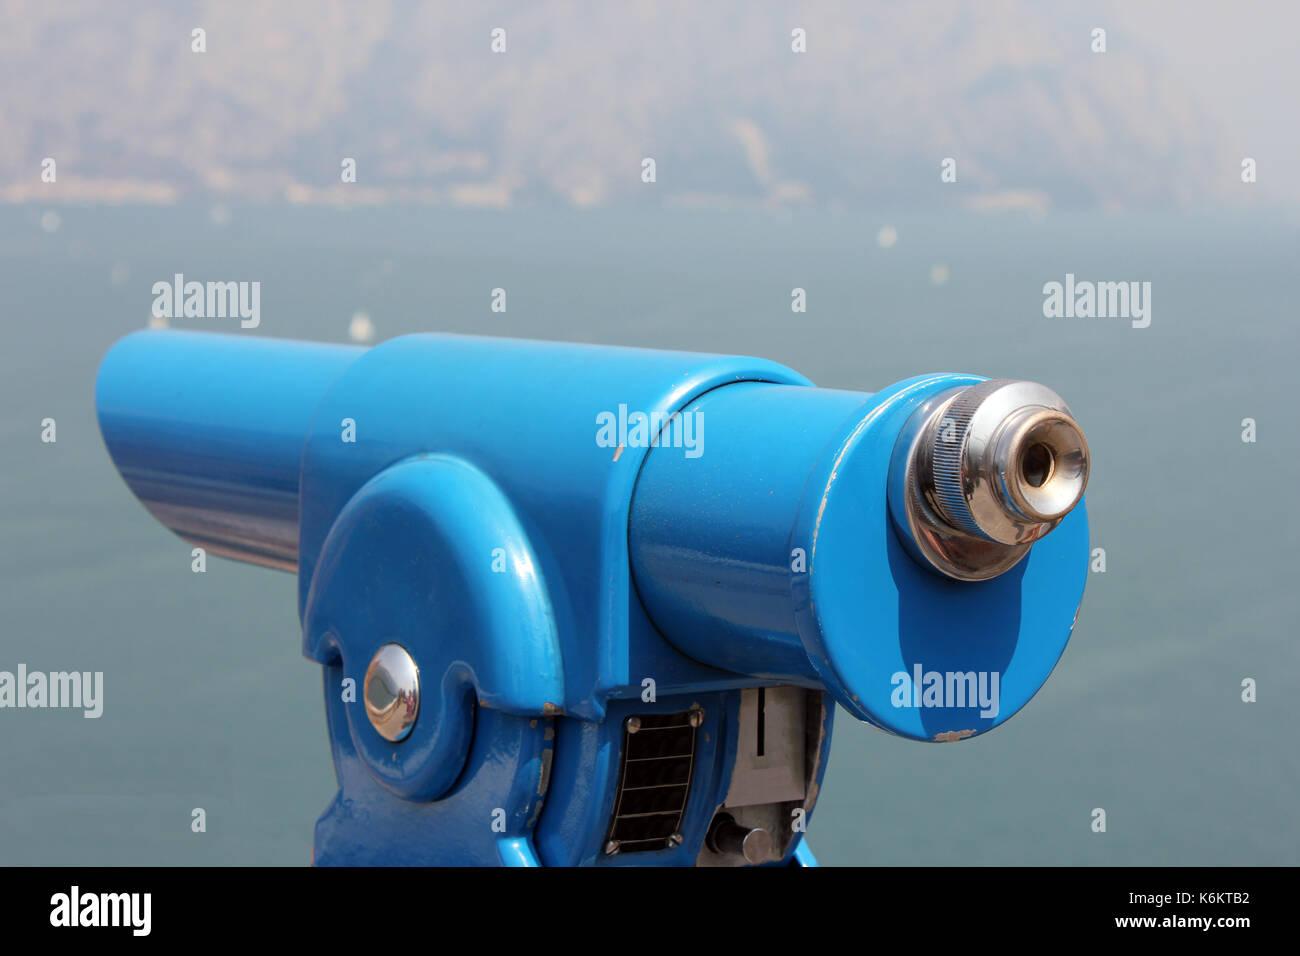 Detail eines münzfernrohrs an einen aussichtspunkt. - Stock Image